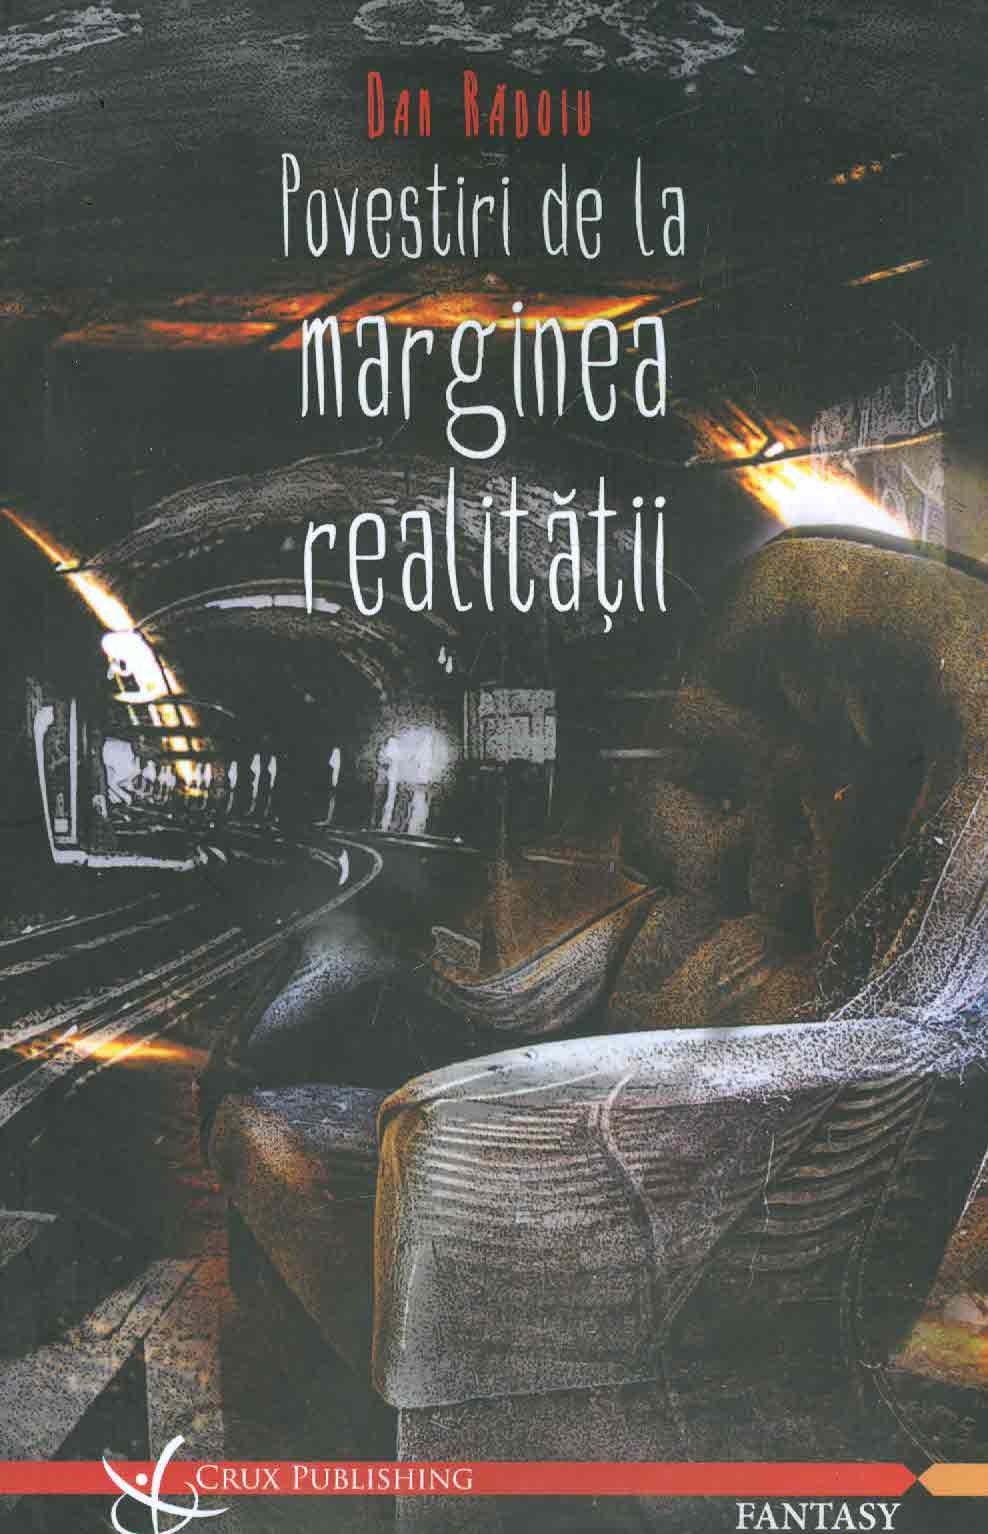 Dan-Radoiu__Povestiri-de-la-marginea-realitatii__606-92564-4-2-785334279614